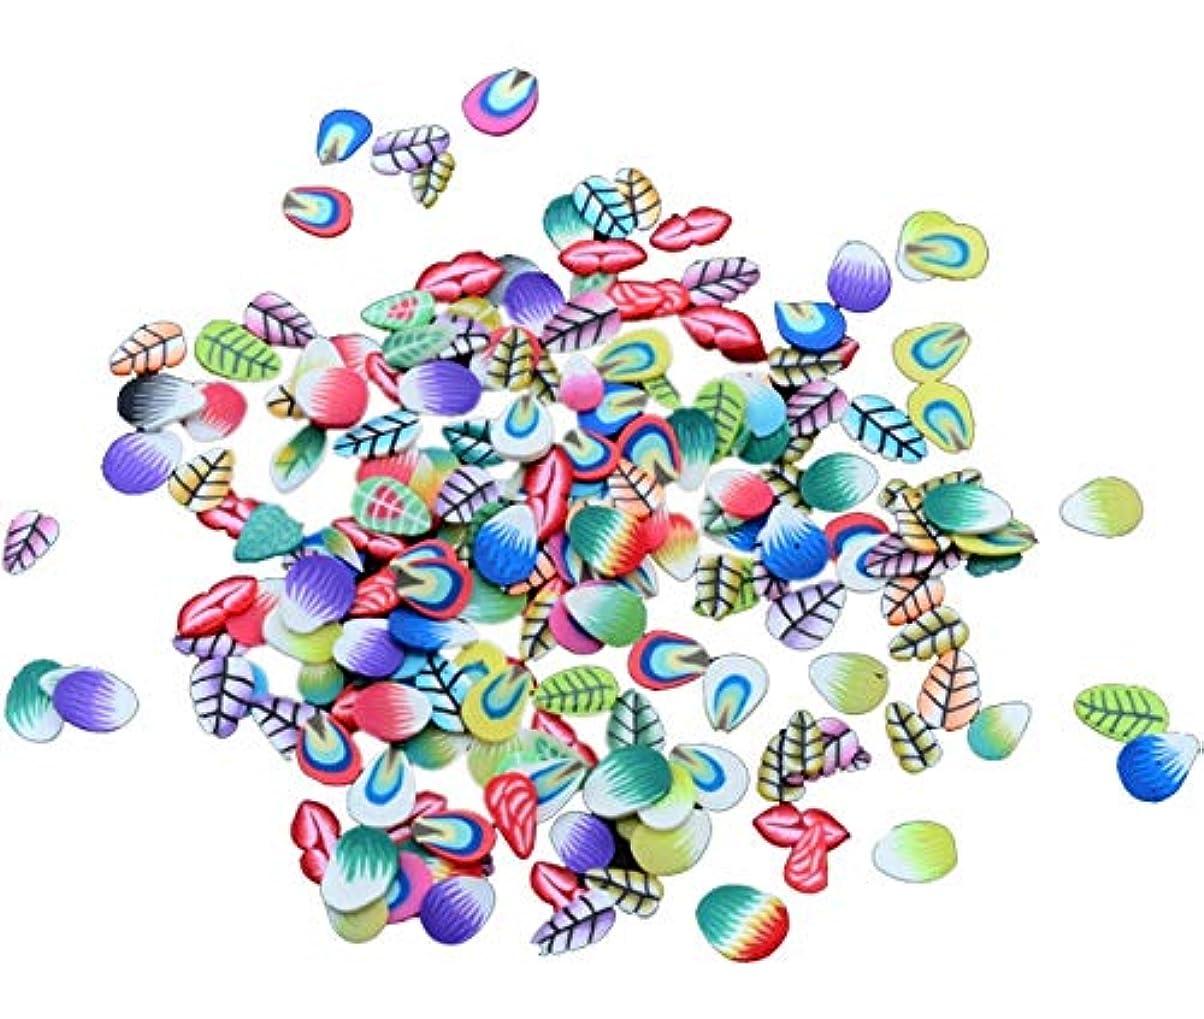 文庫本ちょうつがい踊り子Tianmey ソフト陶磁器デザインネイルアートステッカーマニキュア美しいファッションアクセサリー装飾DIYモバイル美容パッチ千個 (Color : Feather)